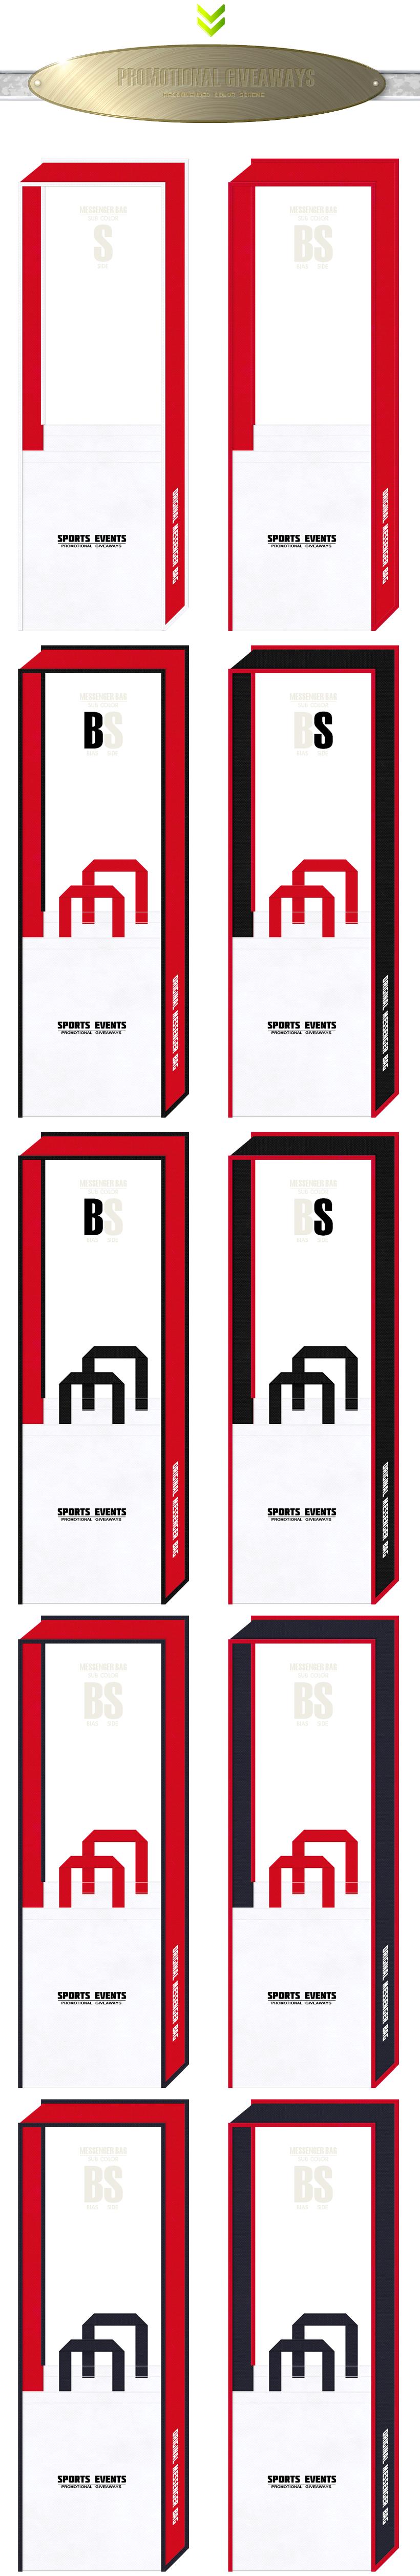 白色と紅色をメインに使用した、不織布メッセンジャーバッグのカラーシミュレーション:スポーツイベントのノベルティ